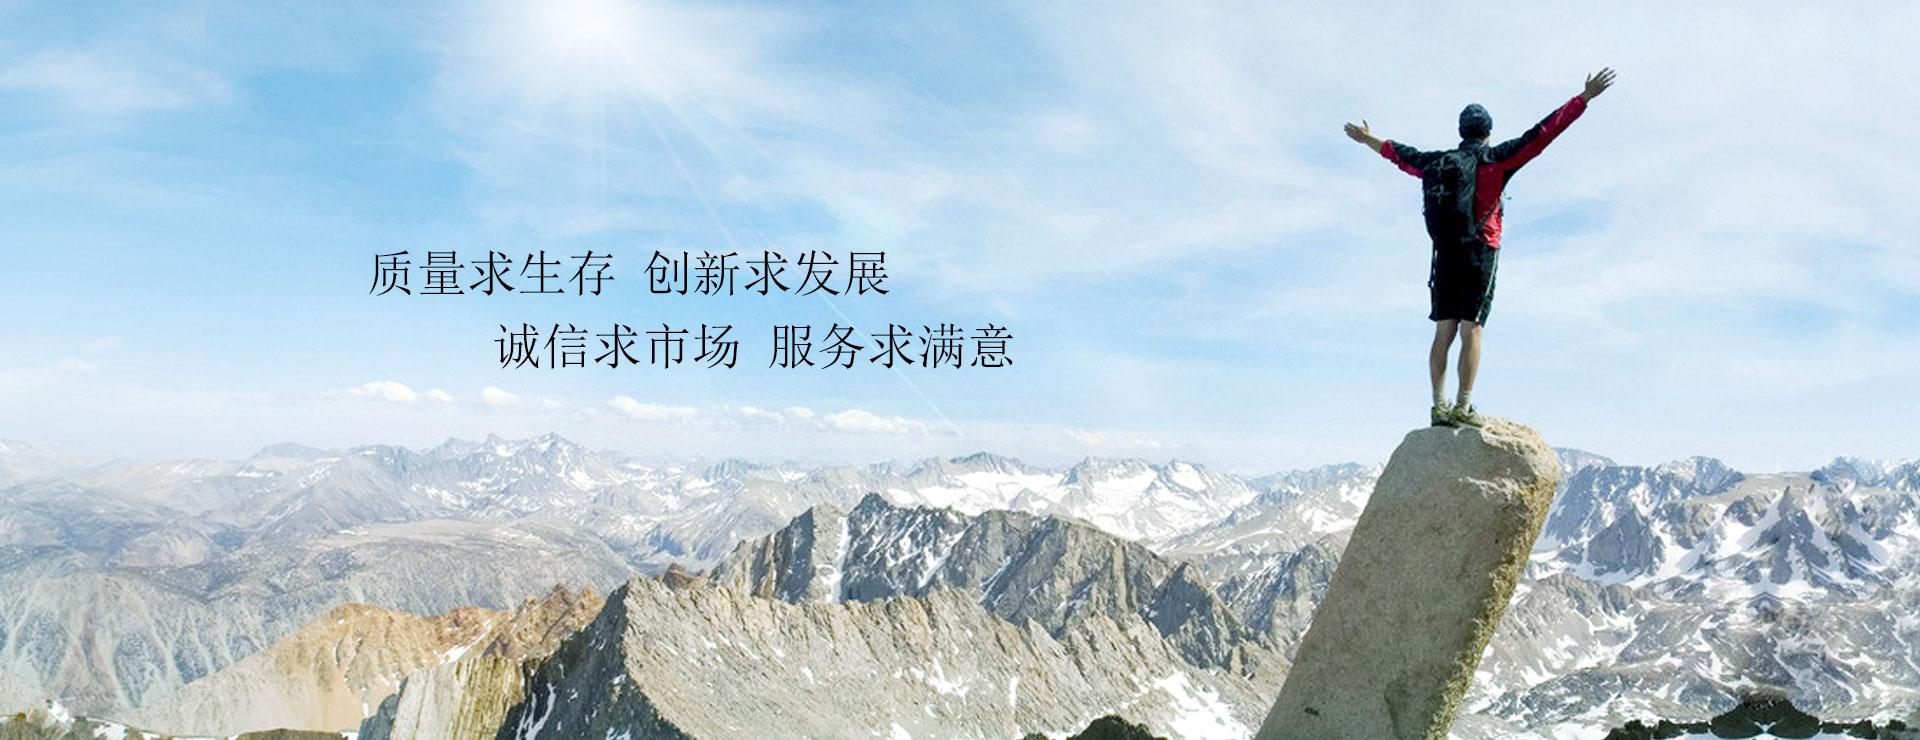 贵州重晶石